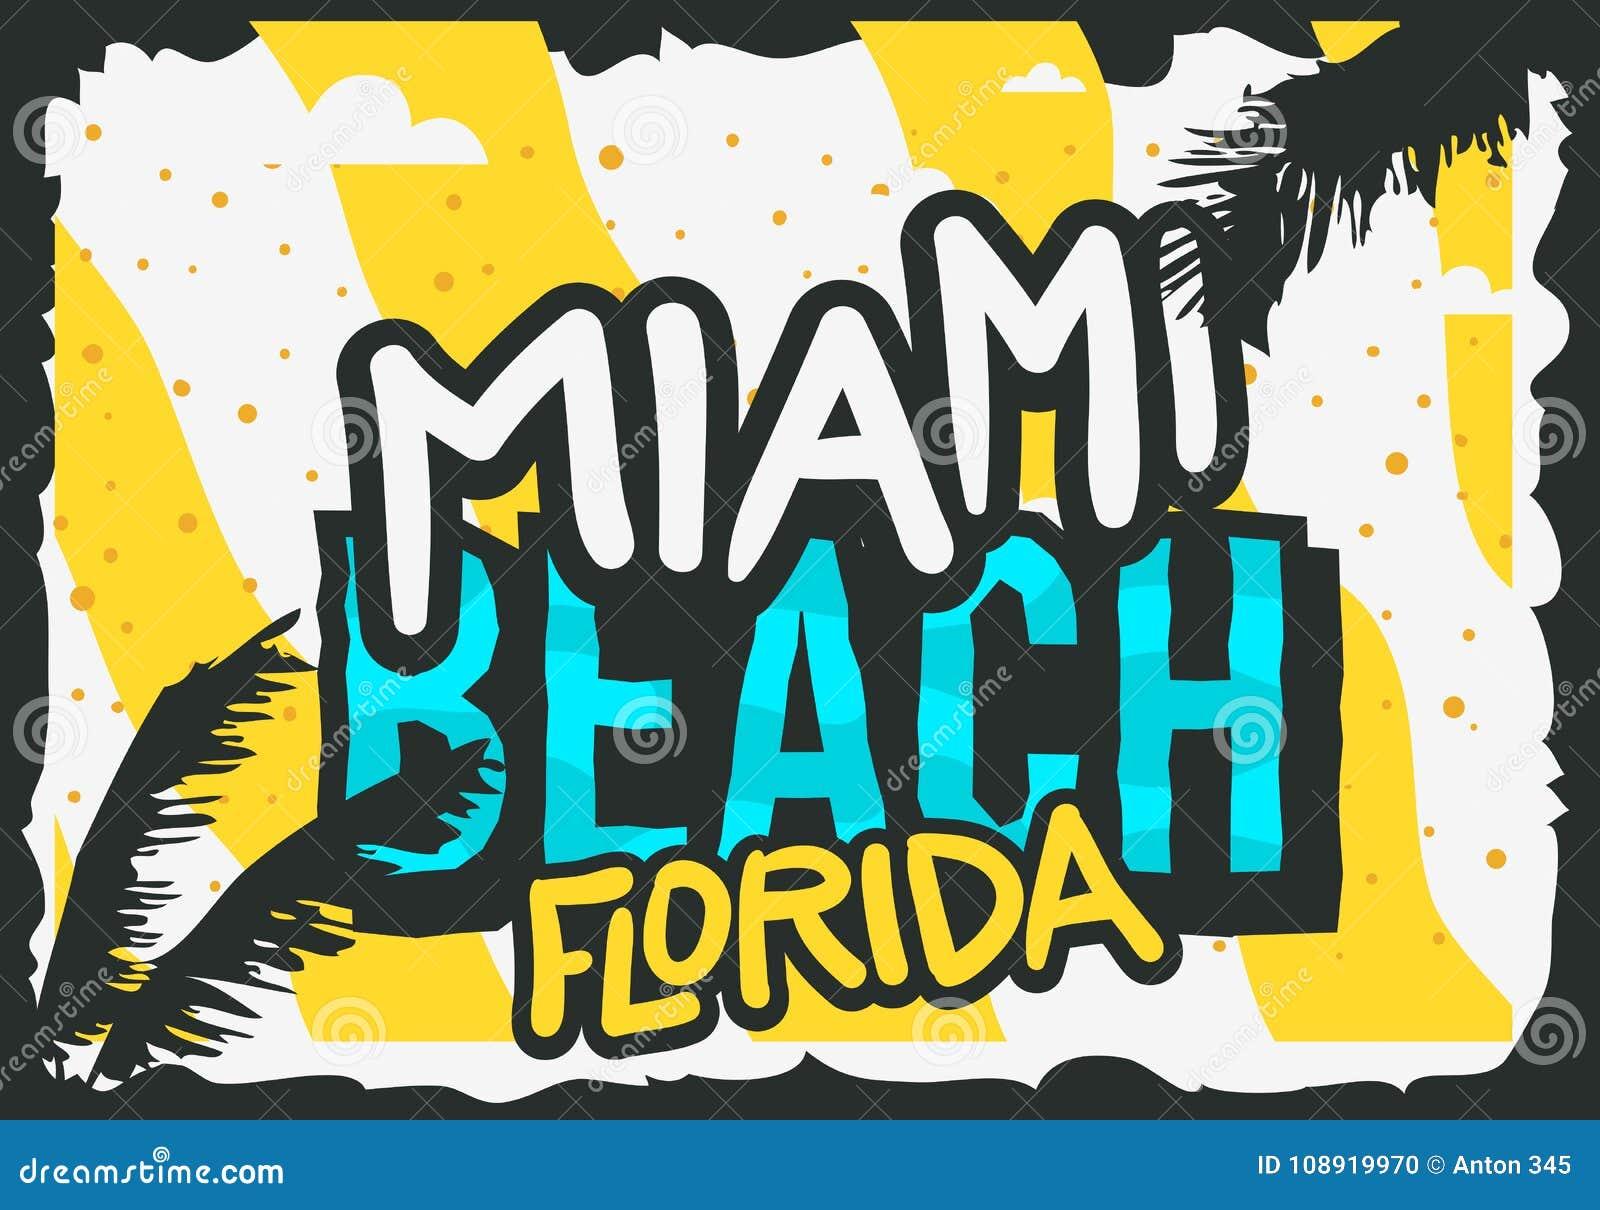 Diseño Del Cartel Del Verano De Miami Beach La Florida Con El ...